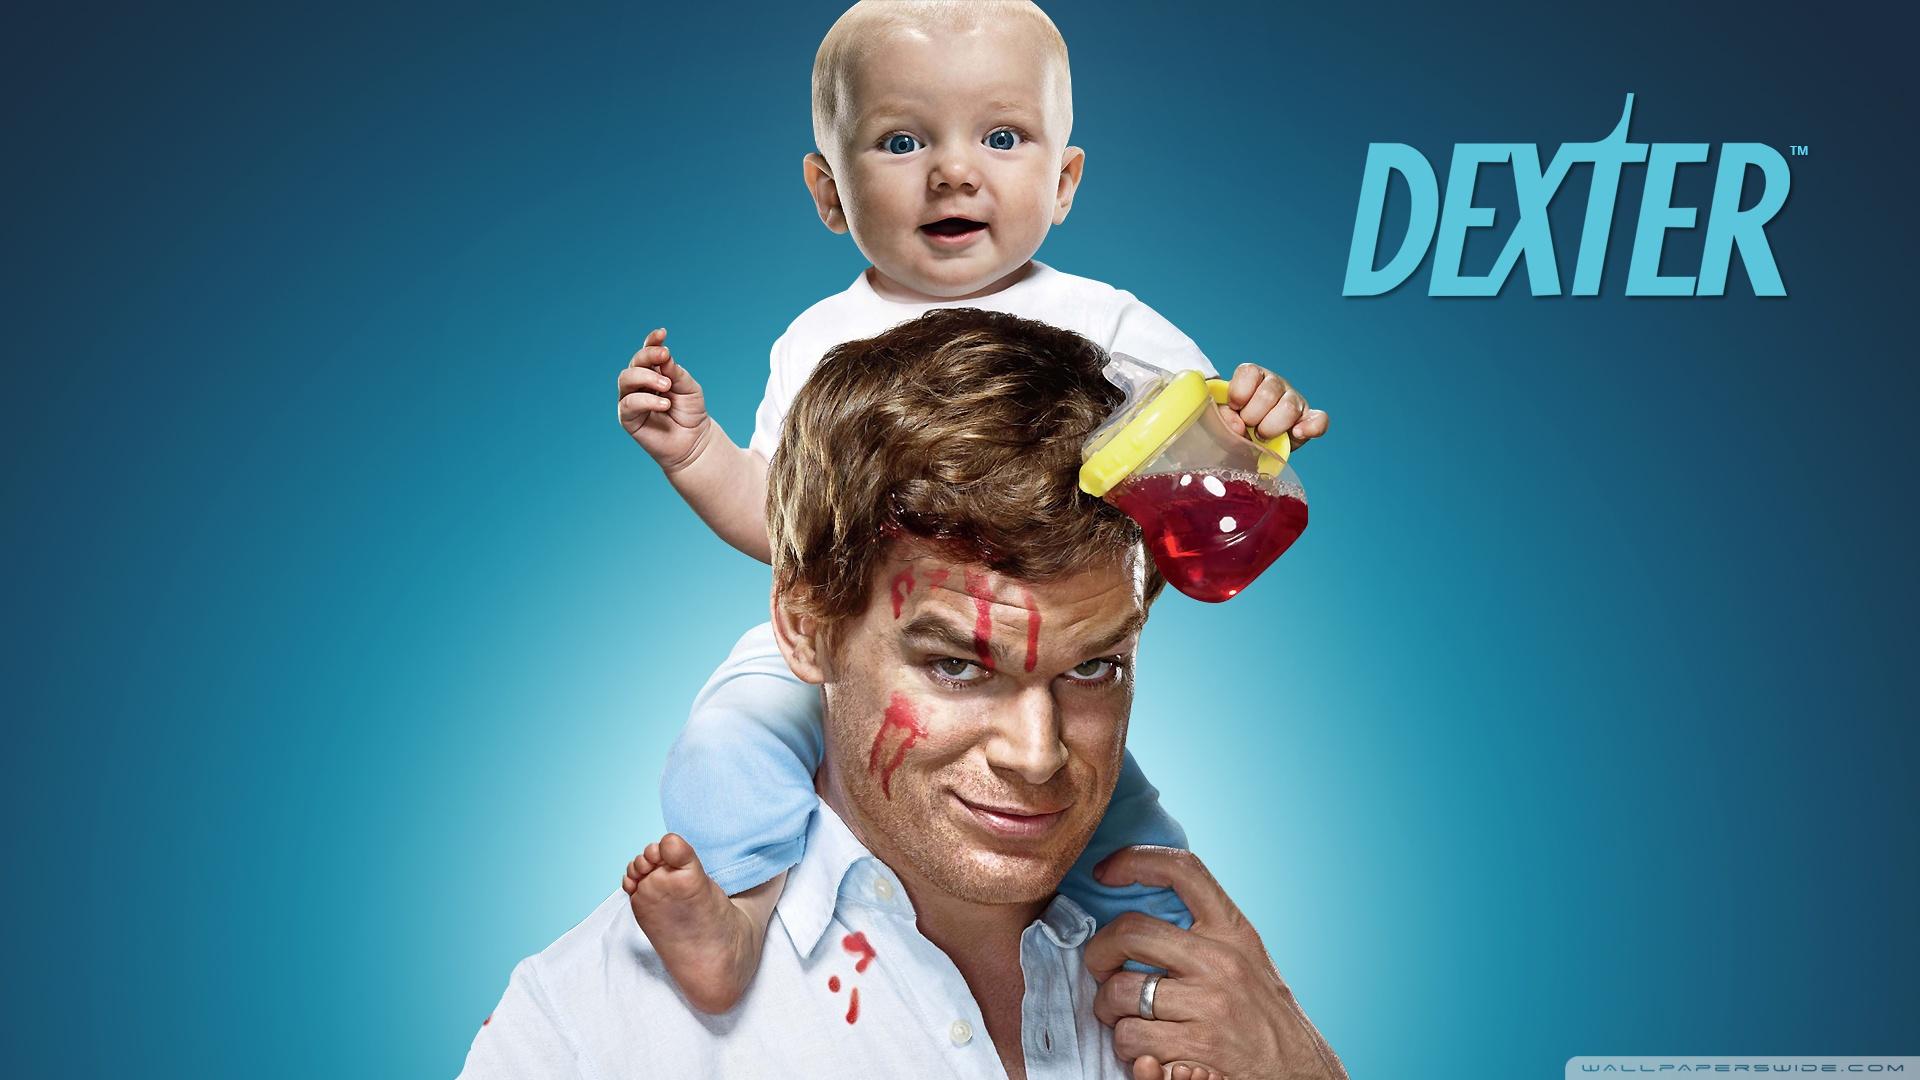 Hd Dexter Wallpaper Dexter 4k Hd Desktop Wallpaper For 4k Ultra Hd Tv Wide